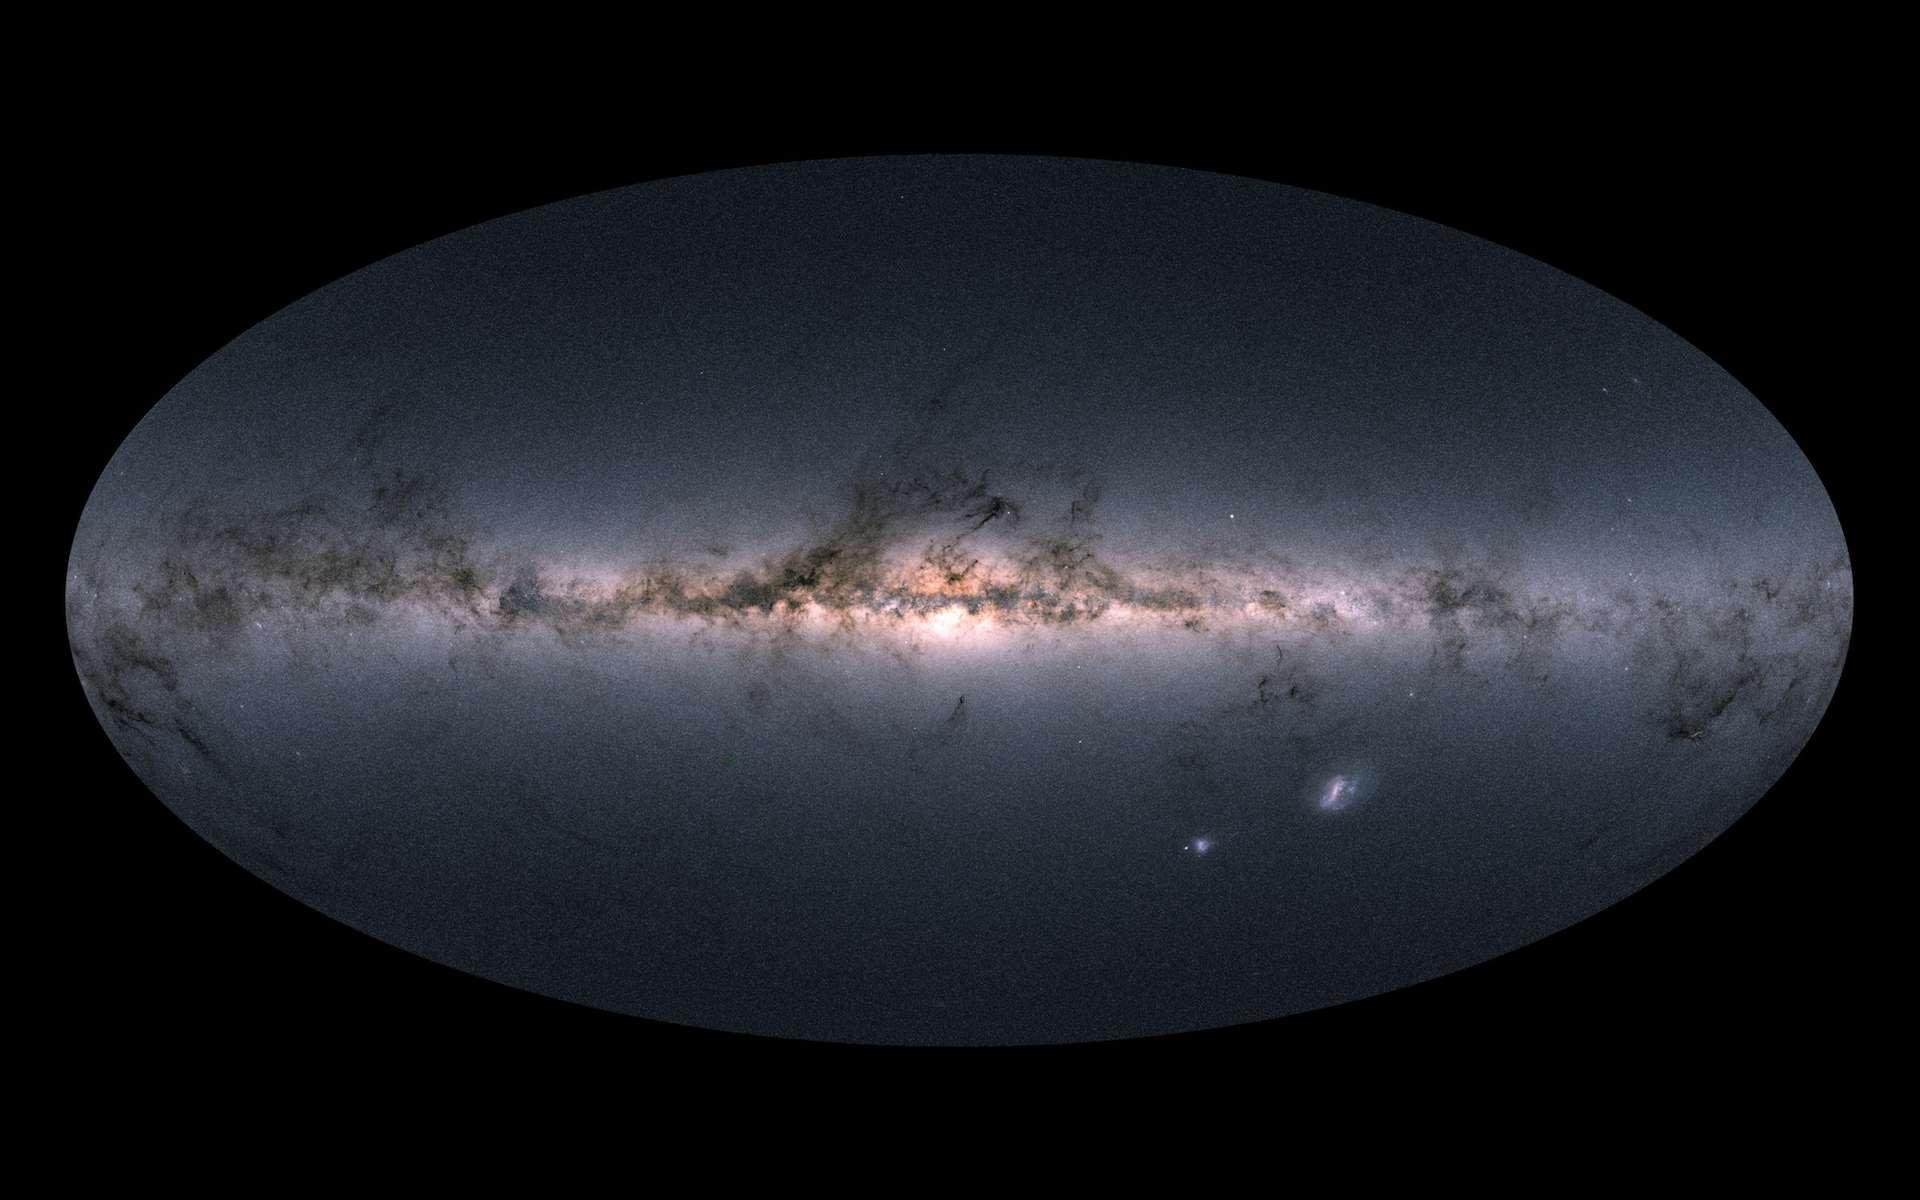 Cartographie de la Voie lactée par le satellite Gaia. © ESA